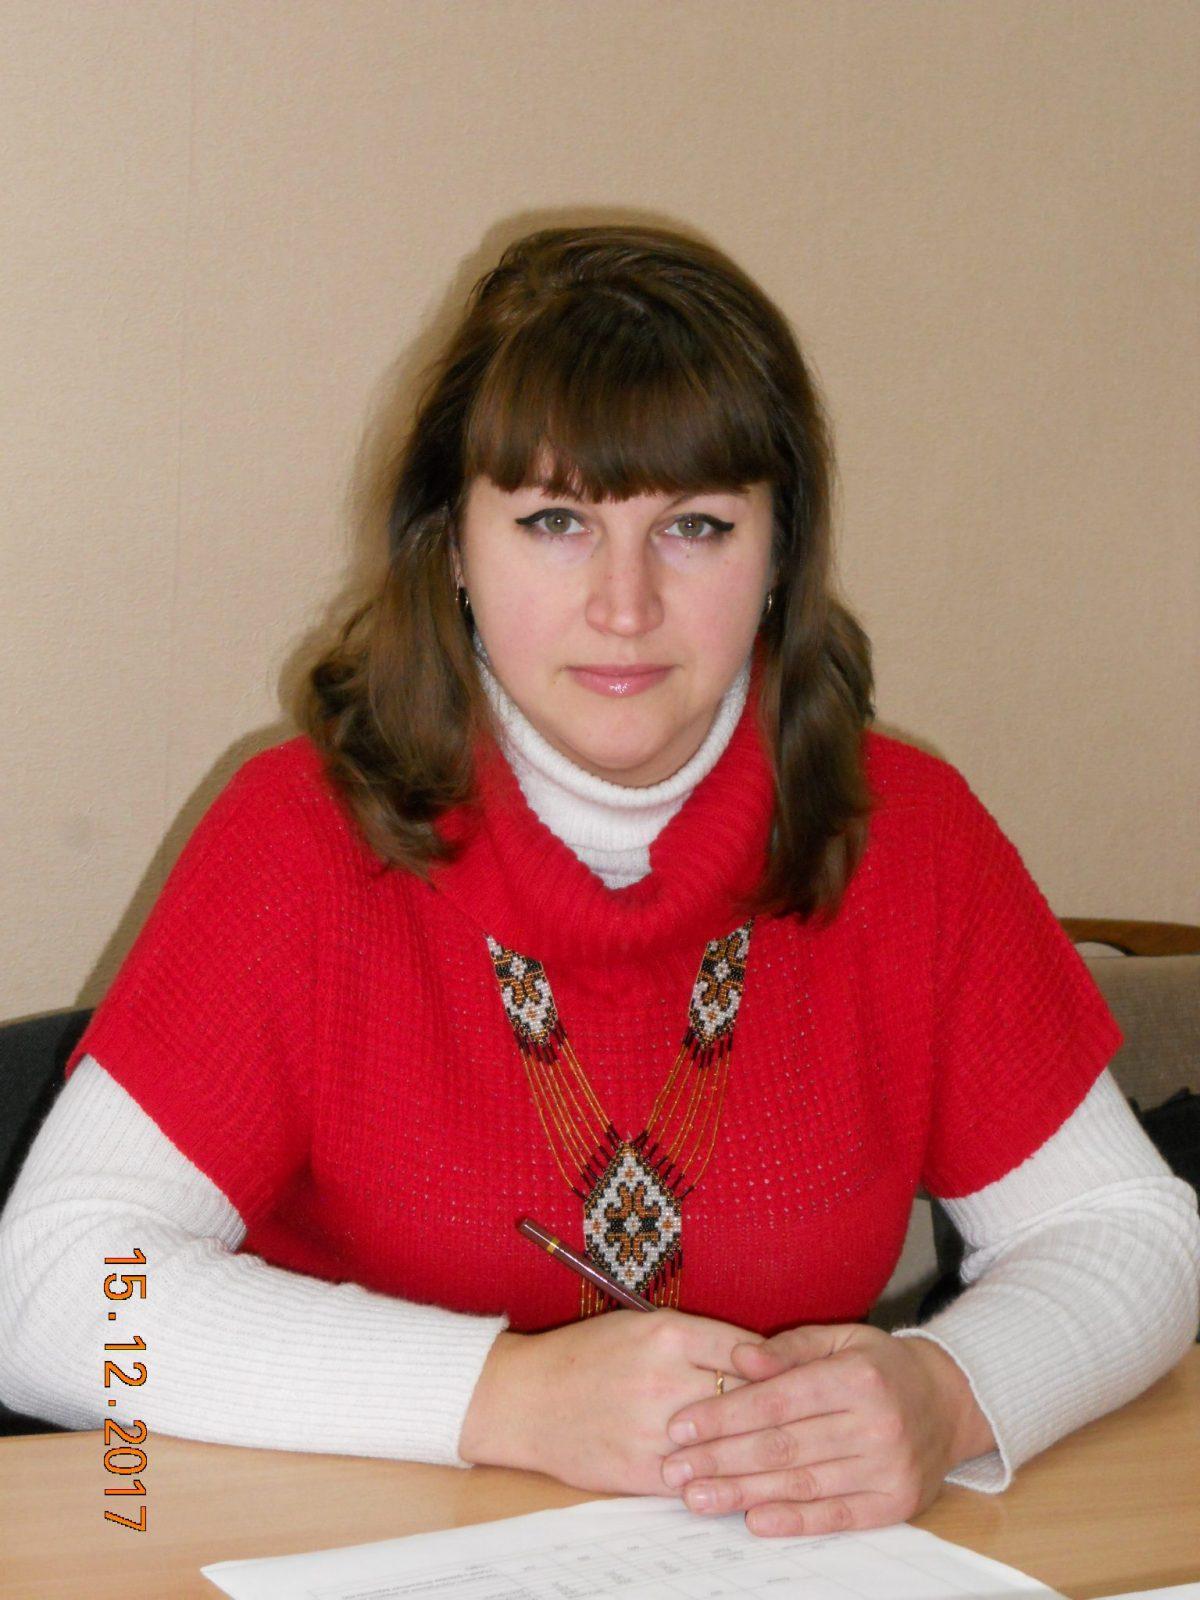 Olena Serhiivna Khomenko